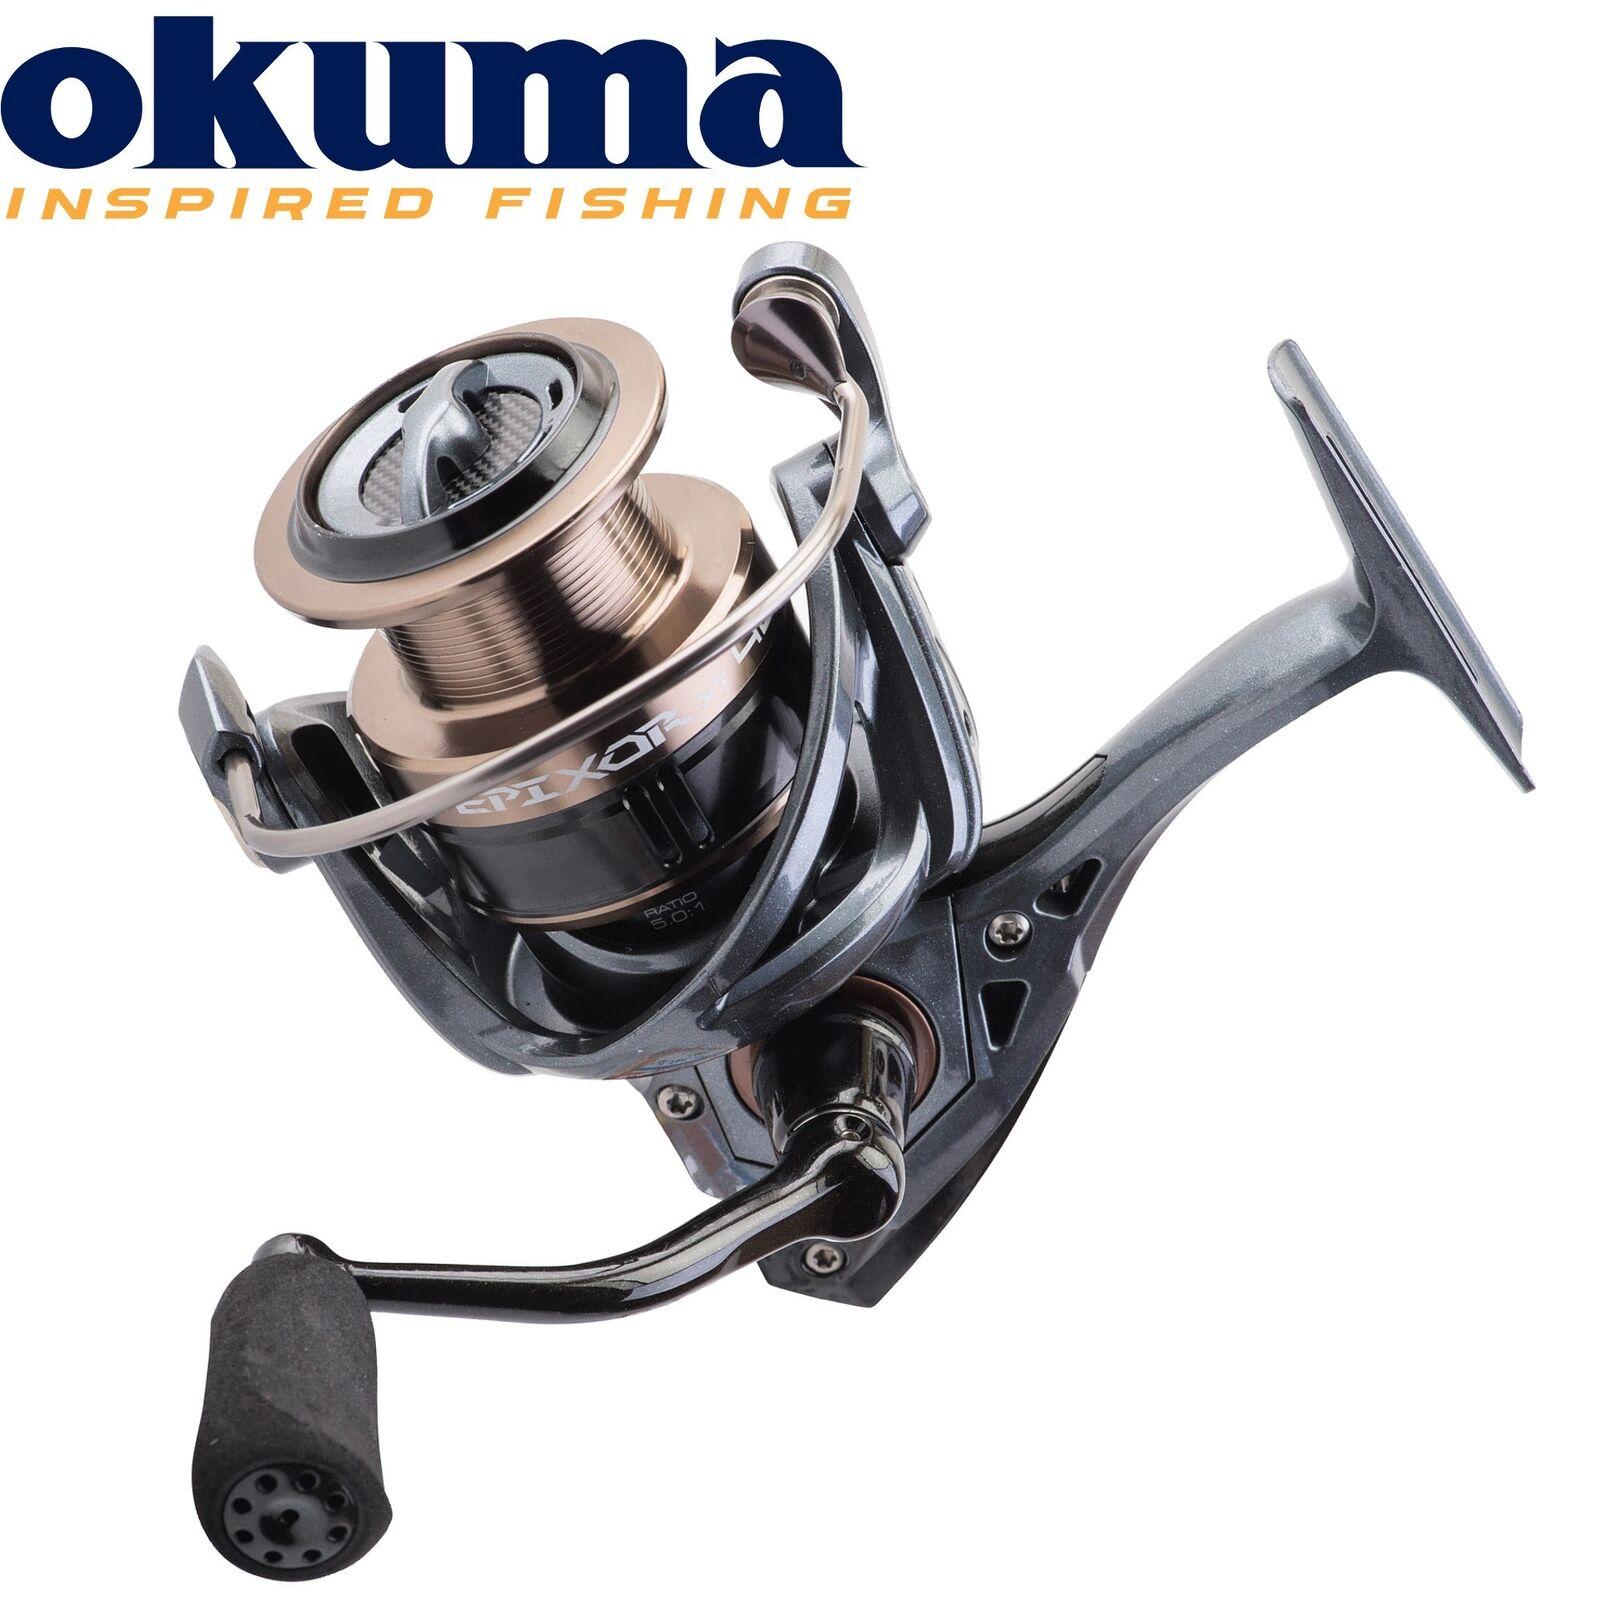 Okuma Epixor XT Spinning EPXT-30 - Angelrolle, Stationärrolle, Spinnrolle